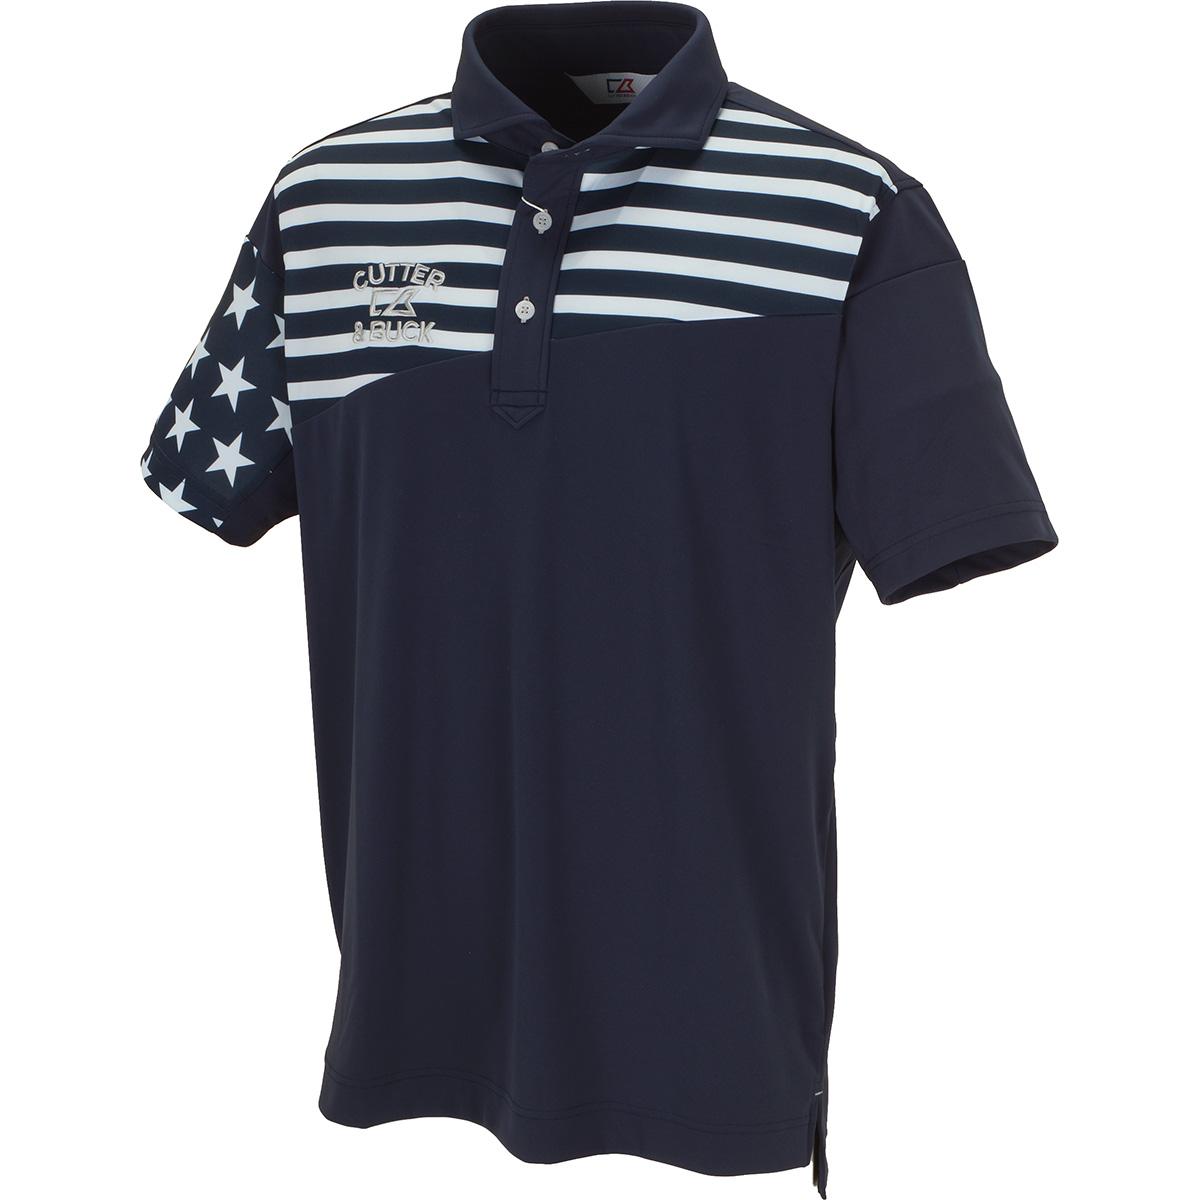 ストレッチ フラッグデザイン半袖ニットポロシャツ